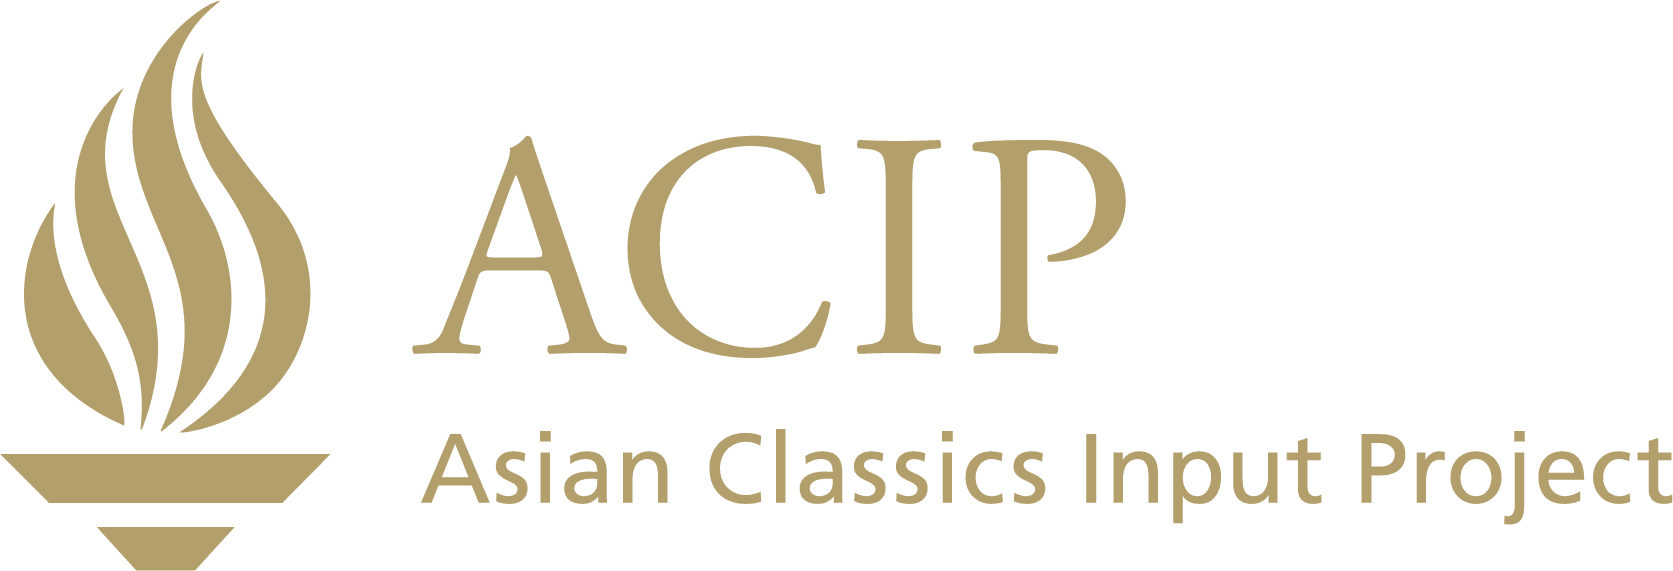 acip-dach.com